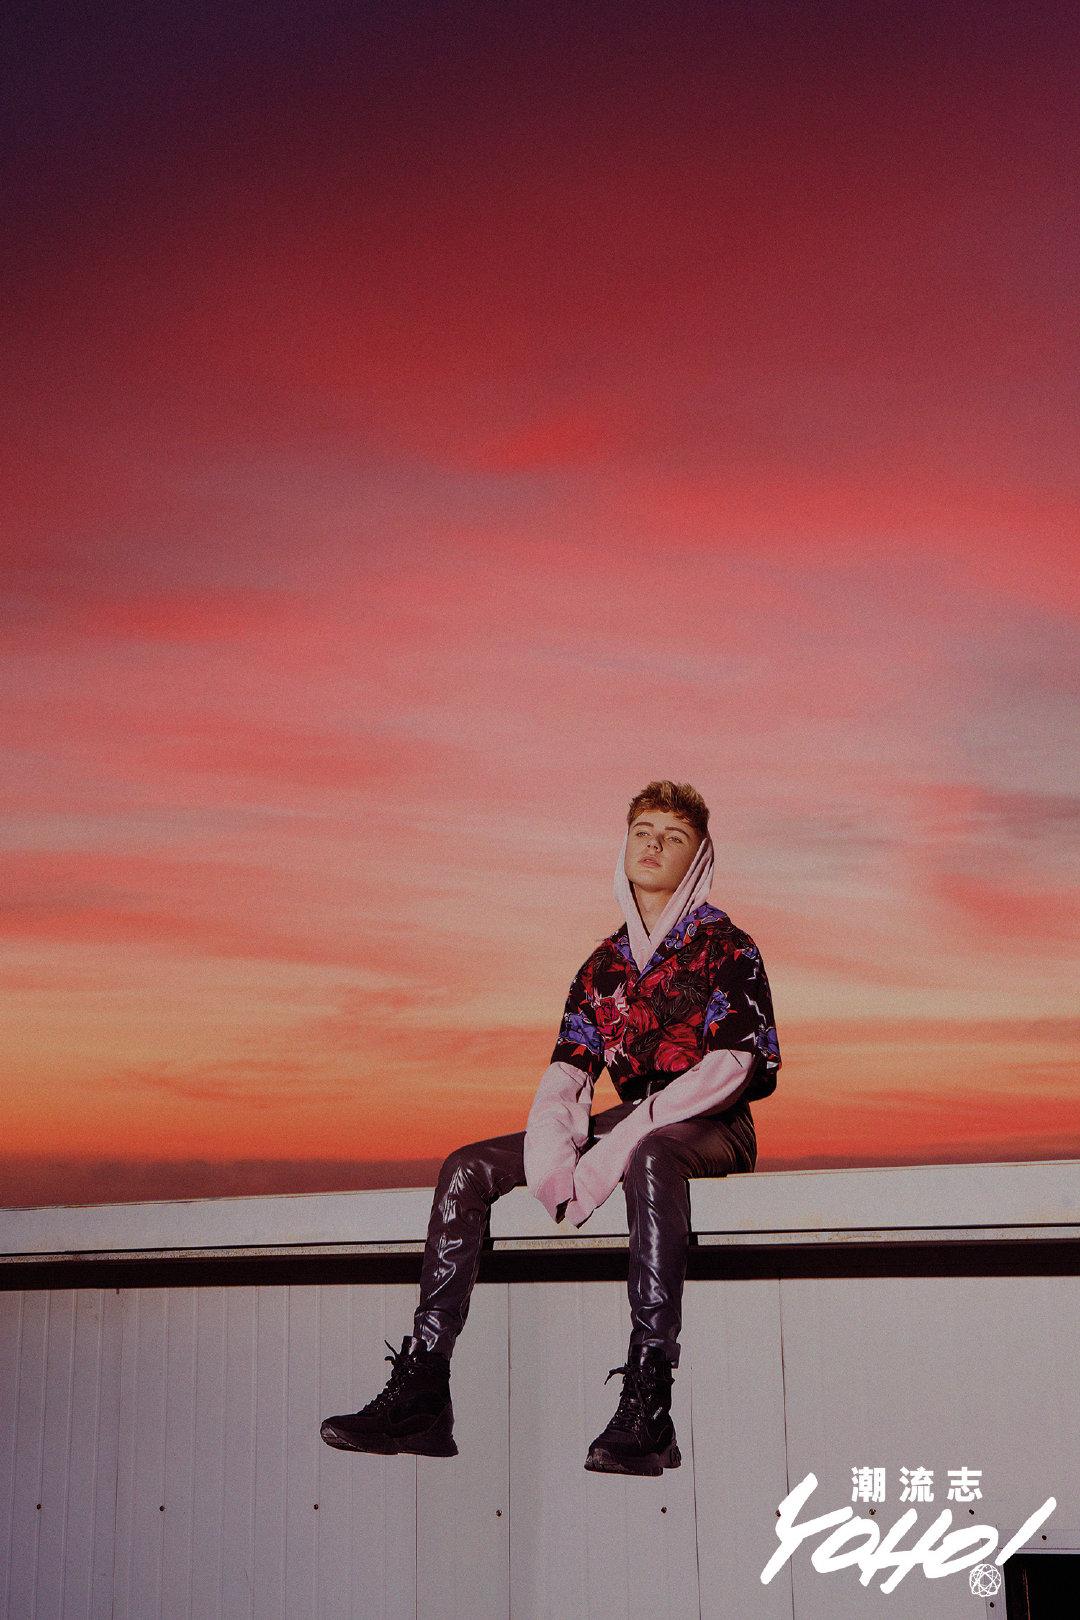 《YOHO!潮流志》全新⼀期POP STAR内页独家释出